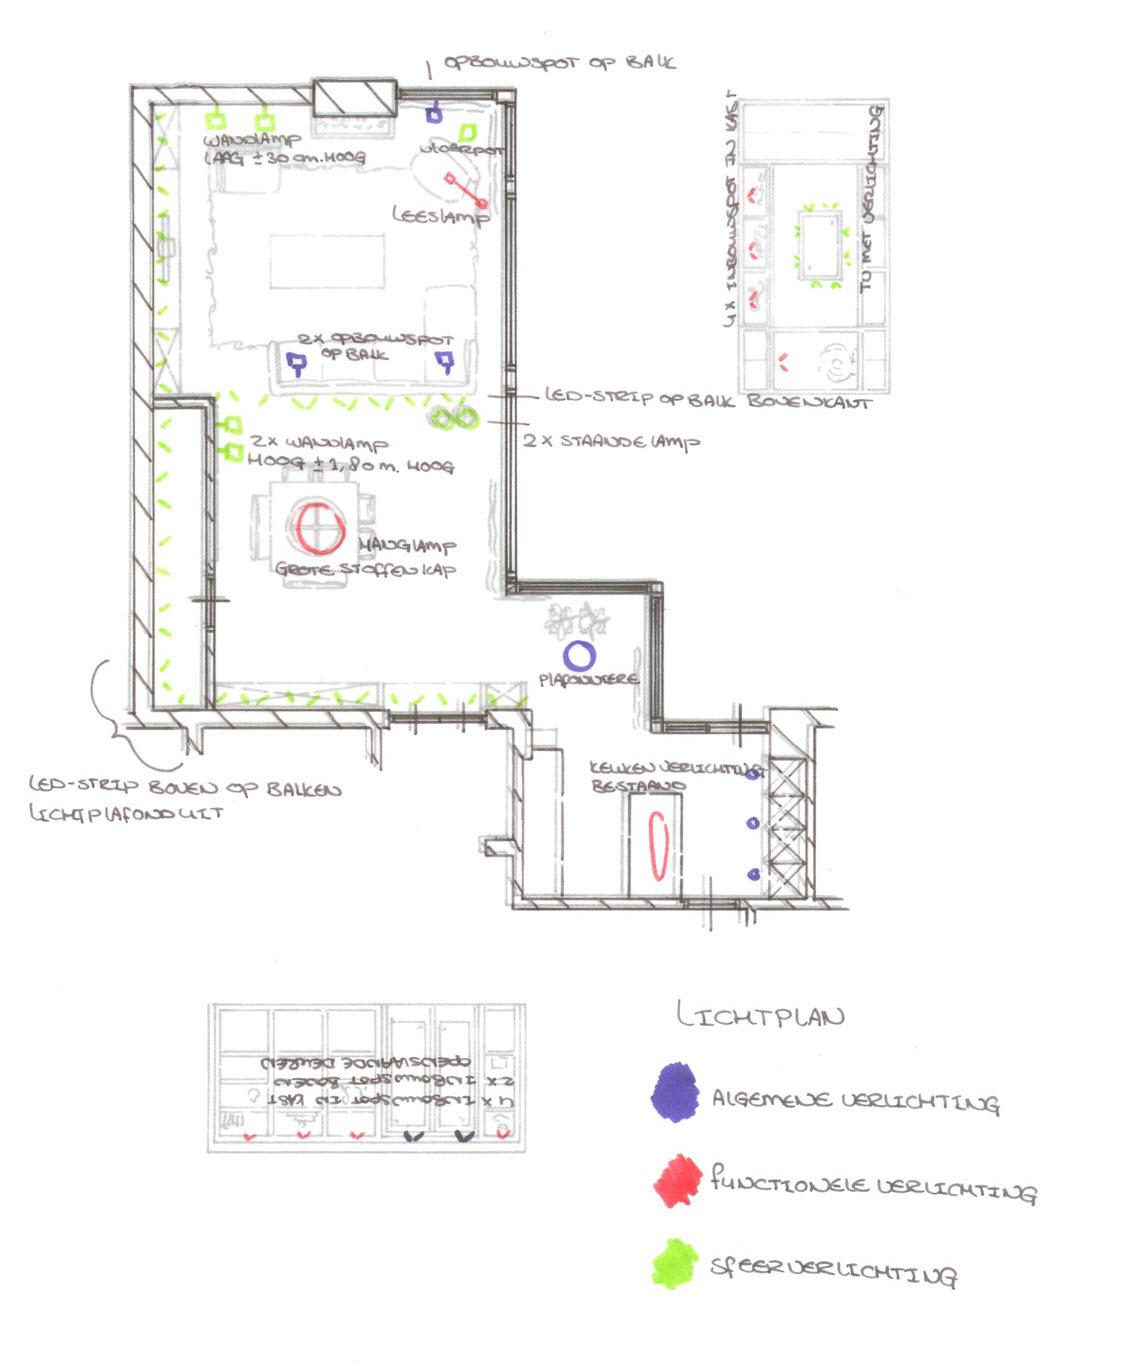 Mevr. uit de Bosch Ermelo Lichtplan 001